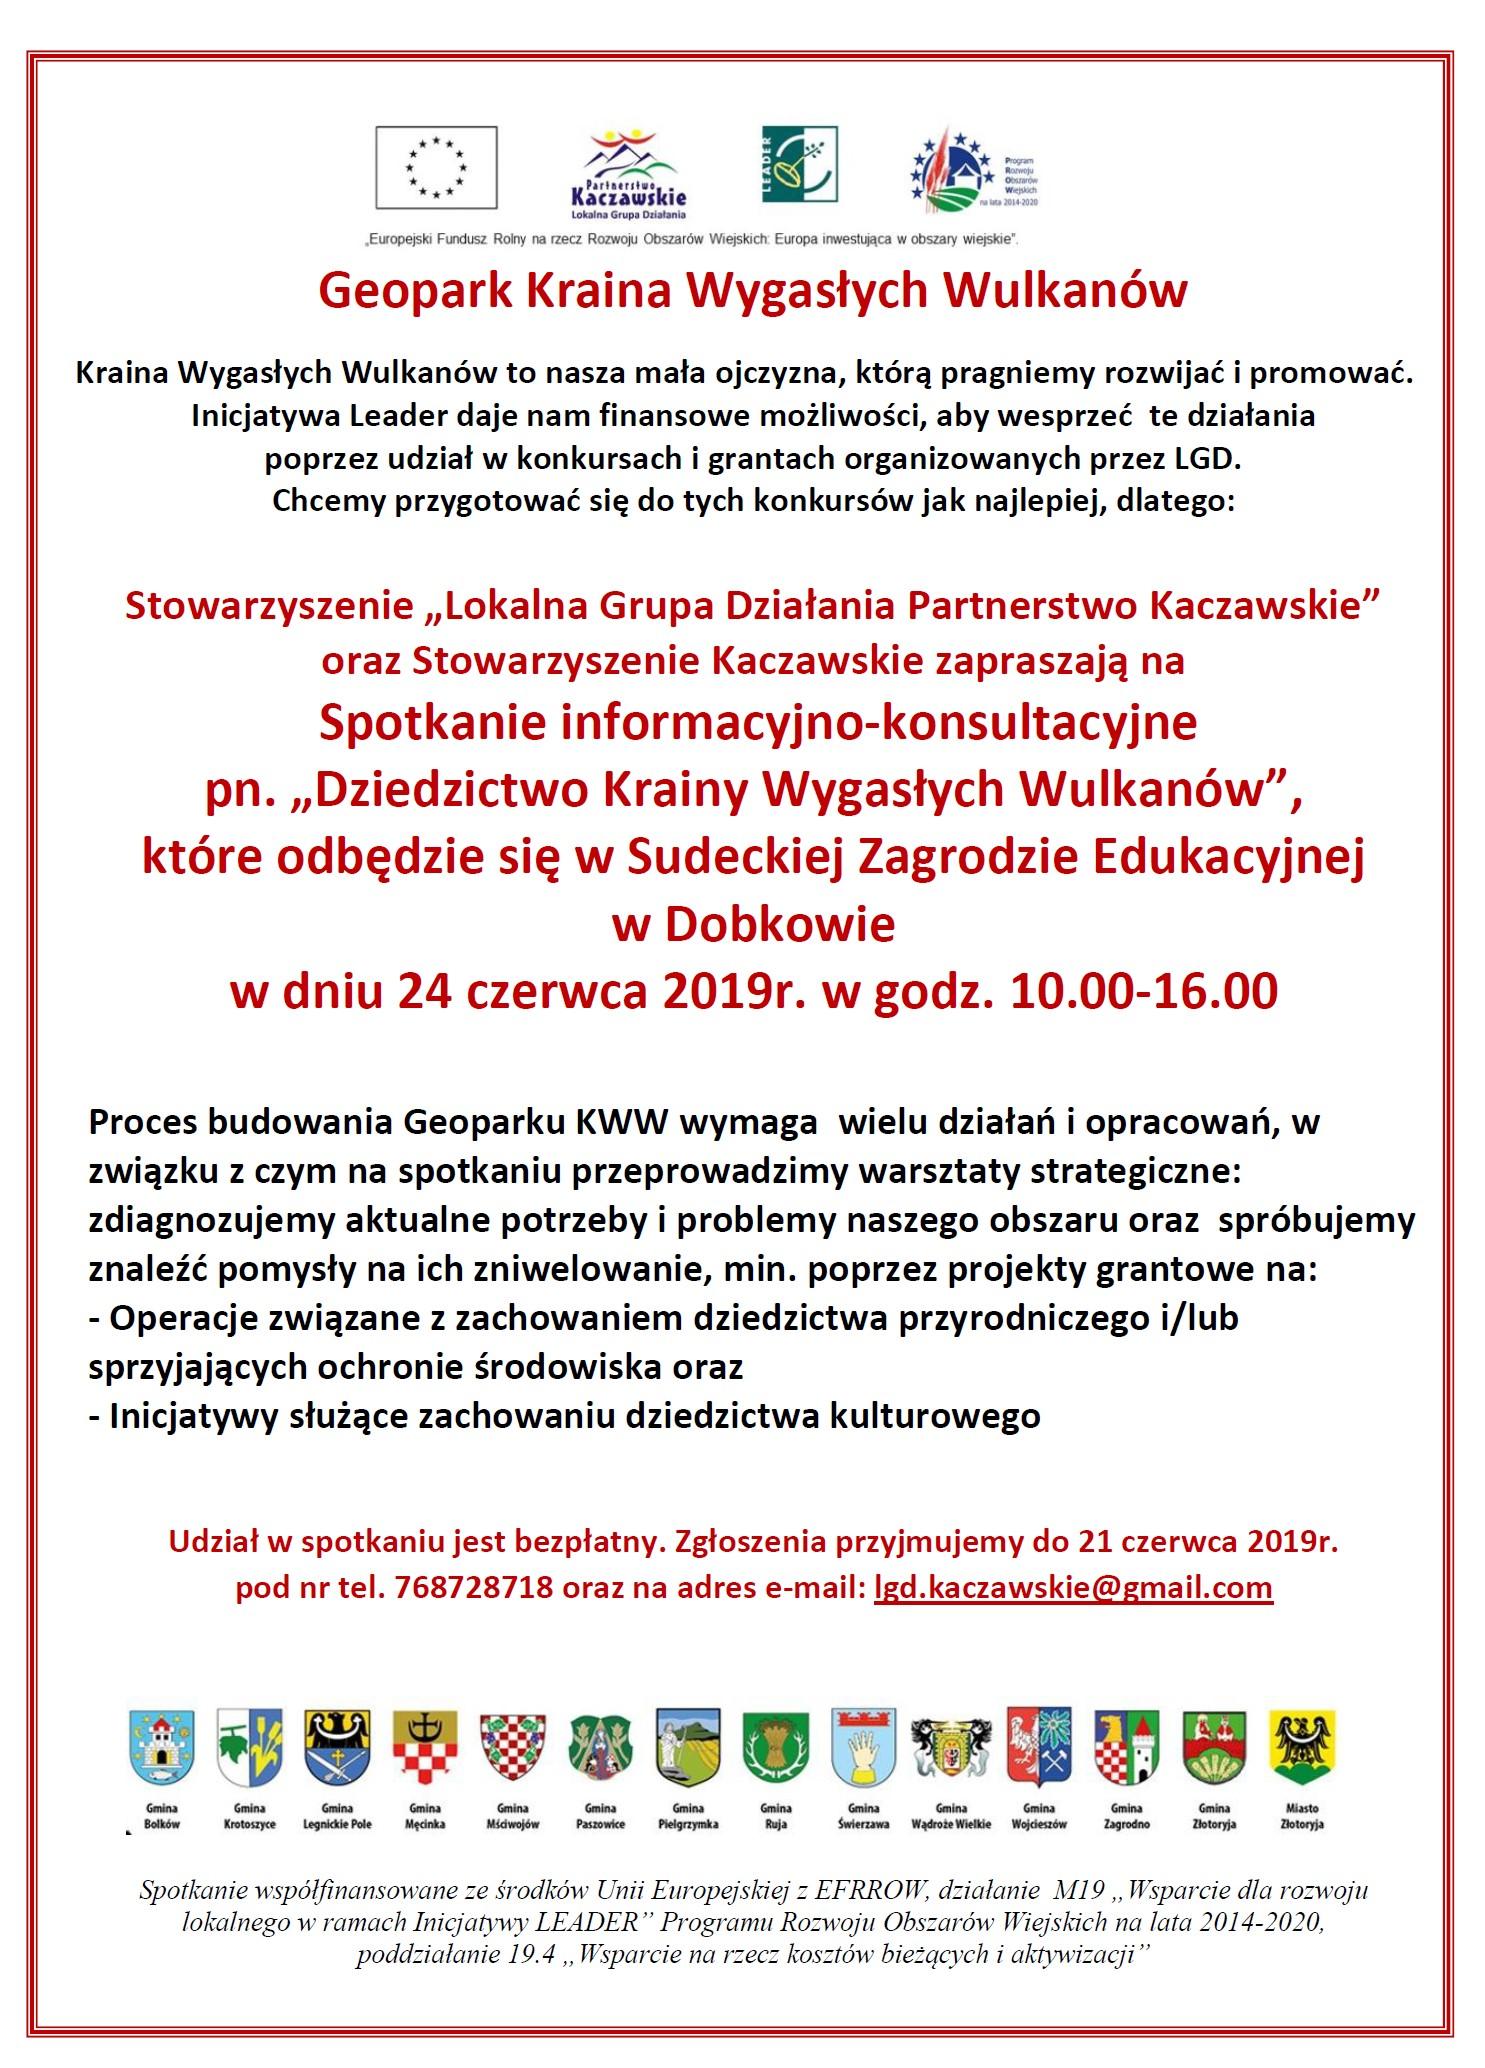 """Spotkanie informacyjno-konsultacyjne """"Dziedzictwo Krainy Wygasłych Wulkanów"""" 24 czerwca 2019 w Dobkowie"""